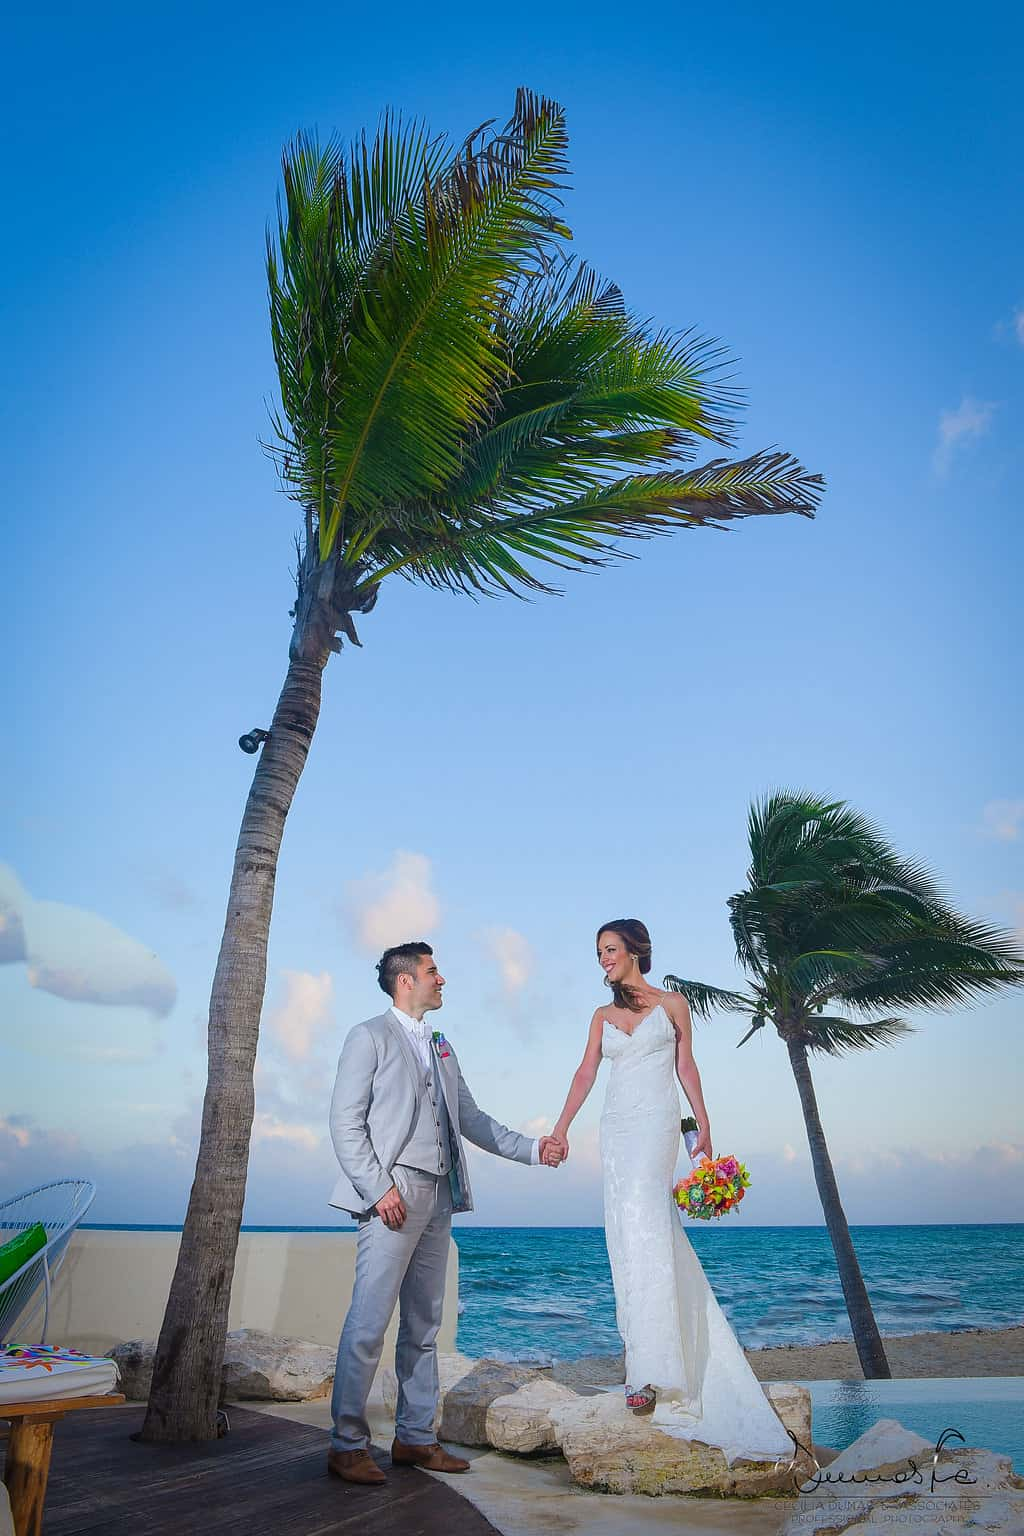 mahekalhotel-playadelcarmen-weddingphotography-lindseyalfredo107